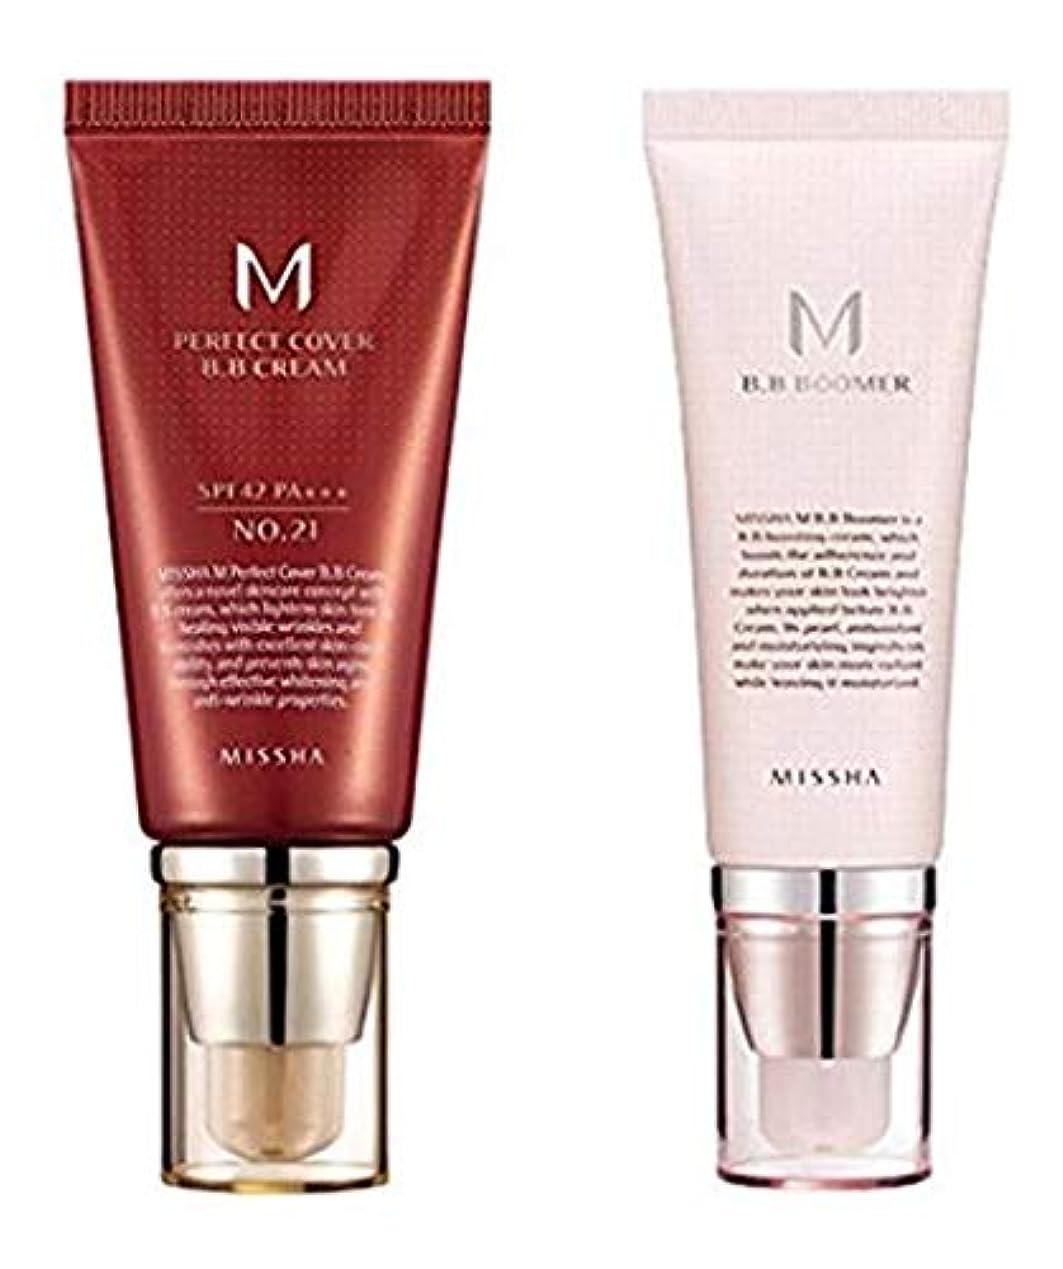 暗殺タンカー液化するMISSHA M Perfect Cover BB cream #21 + M BB Boomer / ミシャ M パーフェクトカバー BBクリーム 50ml + M BBブーマー40ml [並行輸入品]